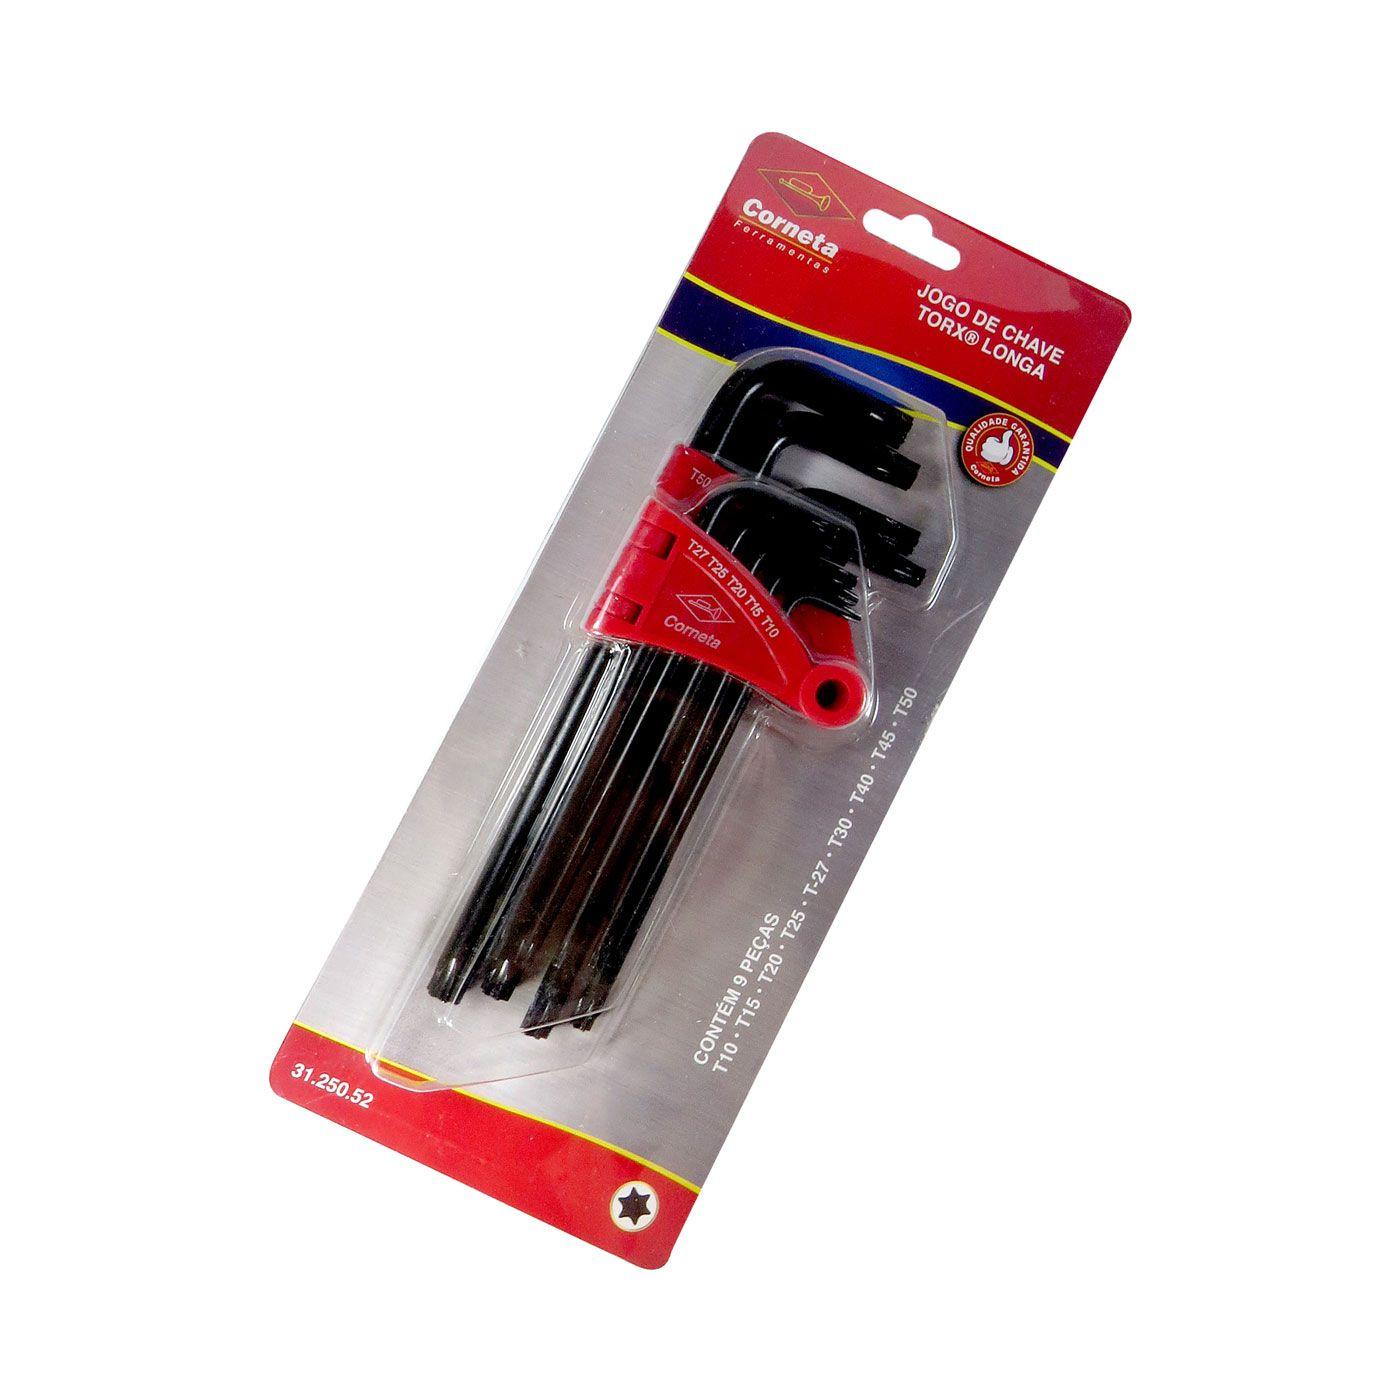 Jogo Chave Torx Longa T10-T50 09 Peças Profissional CRV Corneta